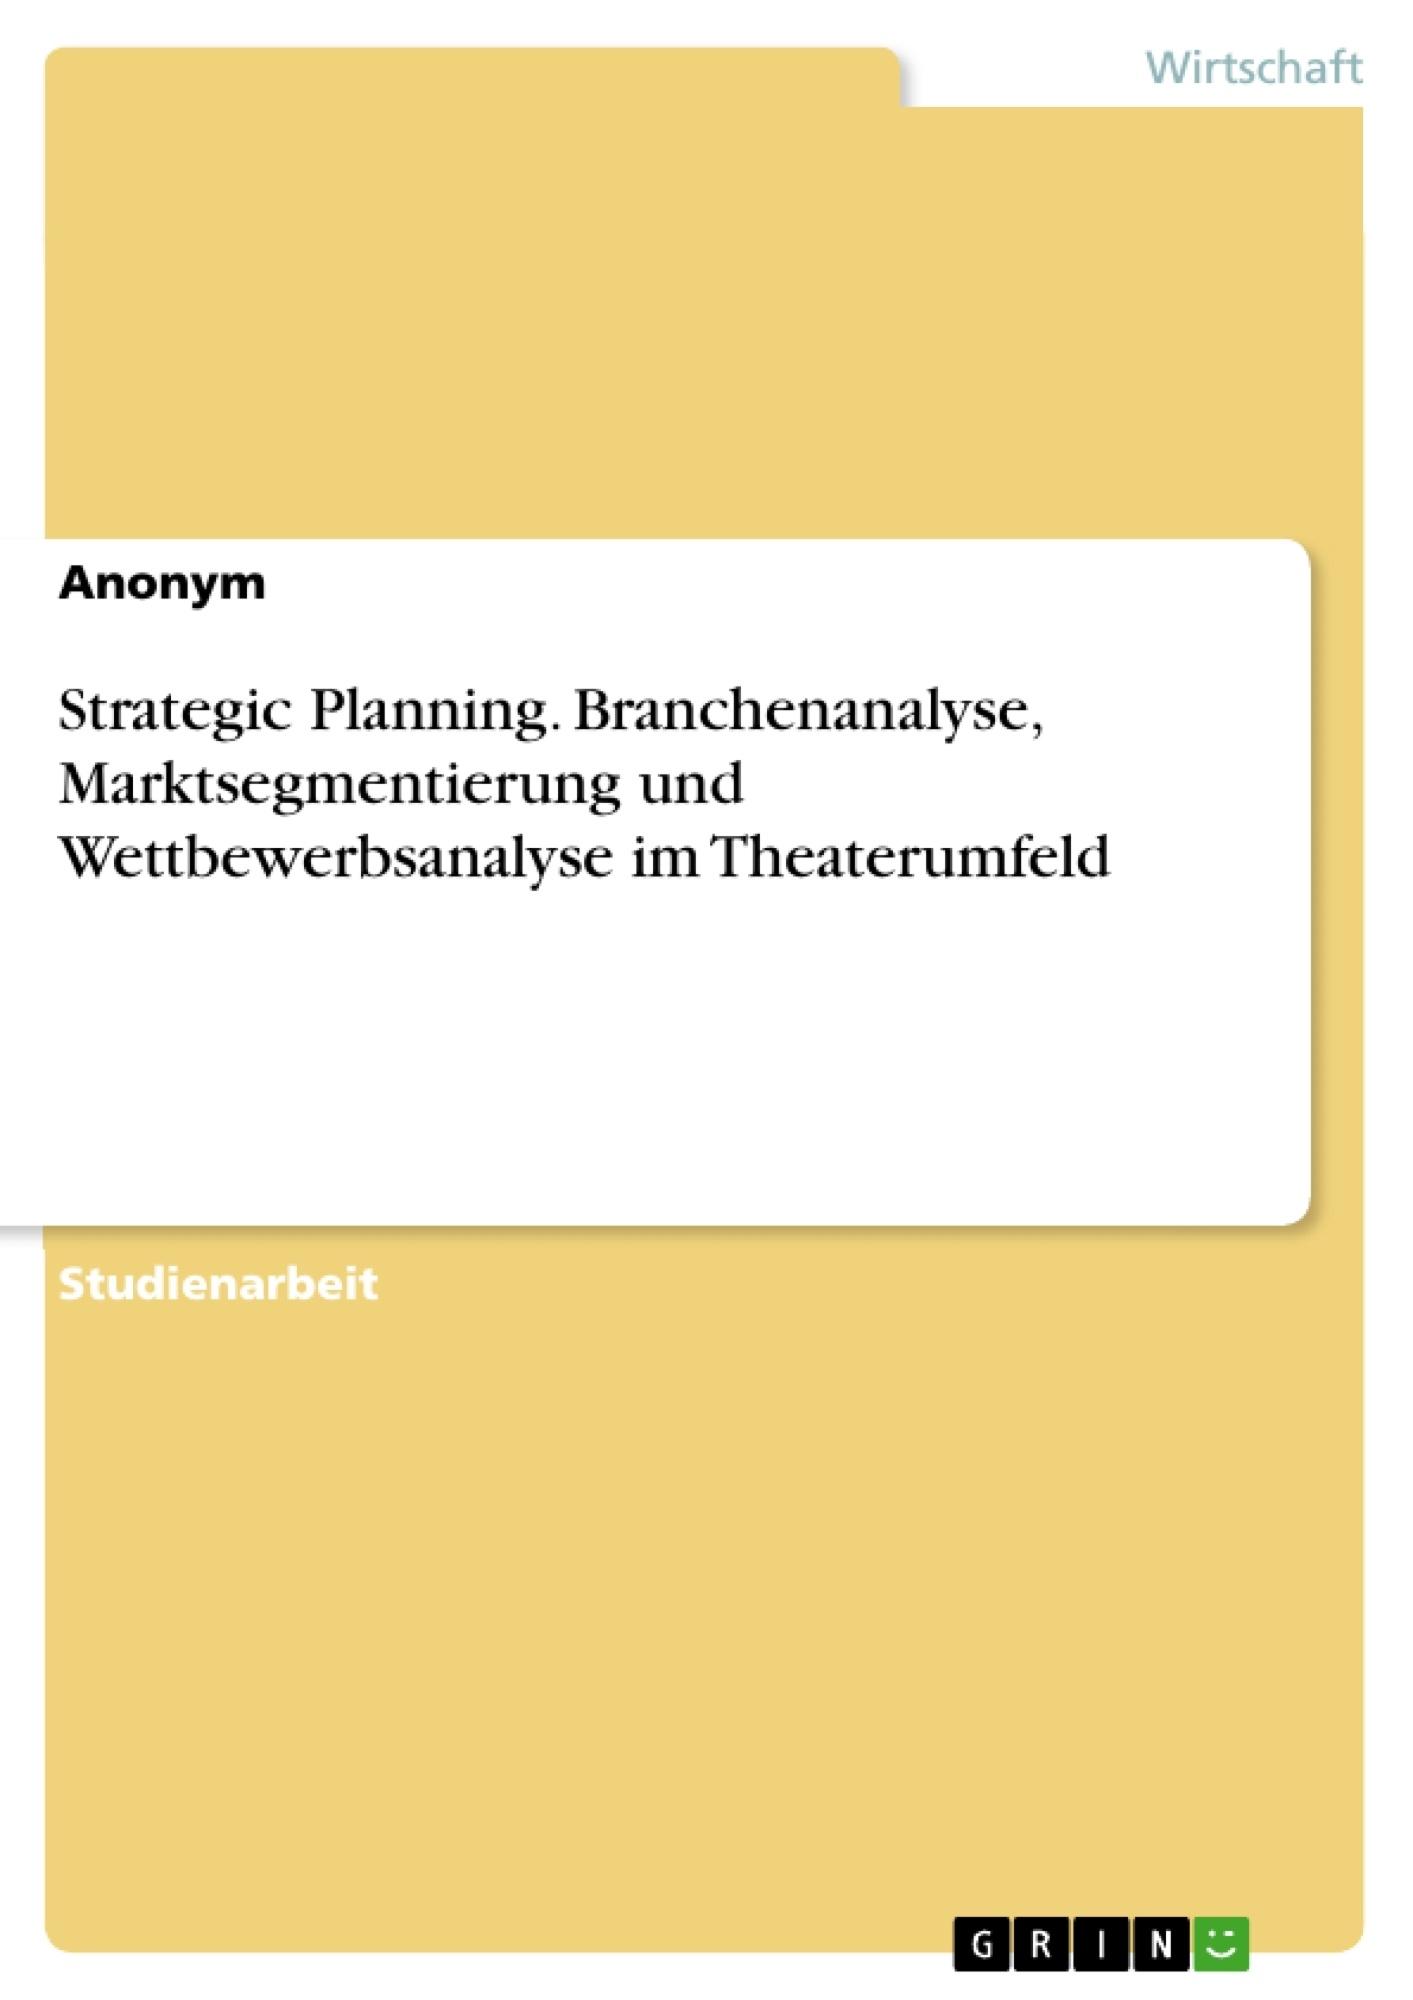 Titel: Strategic Planning. Branchenanalyse, Marktsegmentierung  und Wettbewerbsanalyse im Theaterumfeld